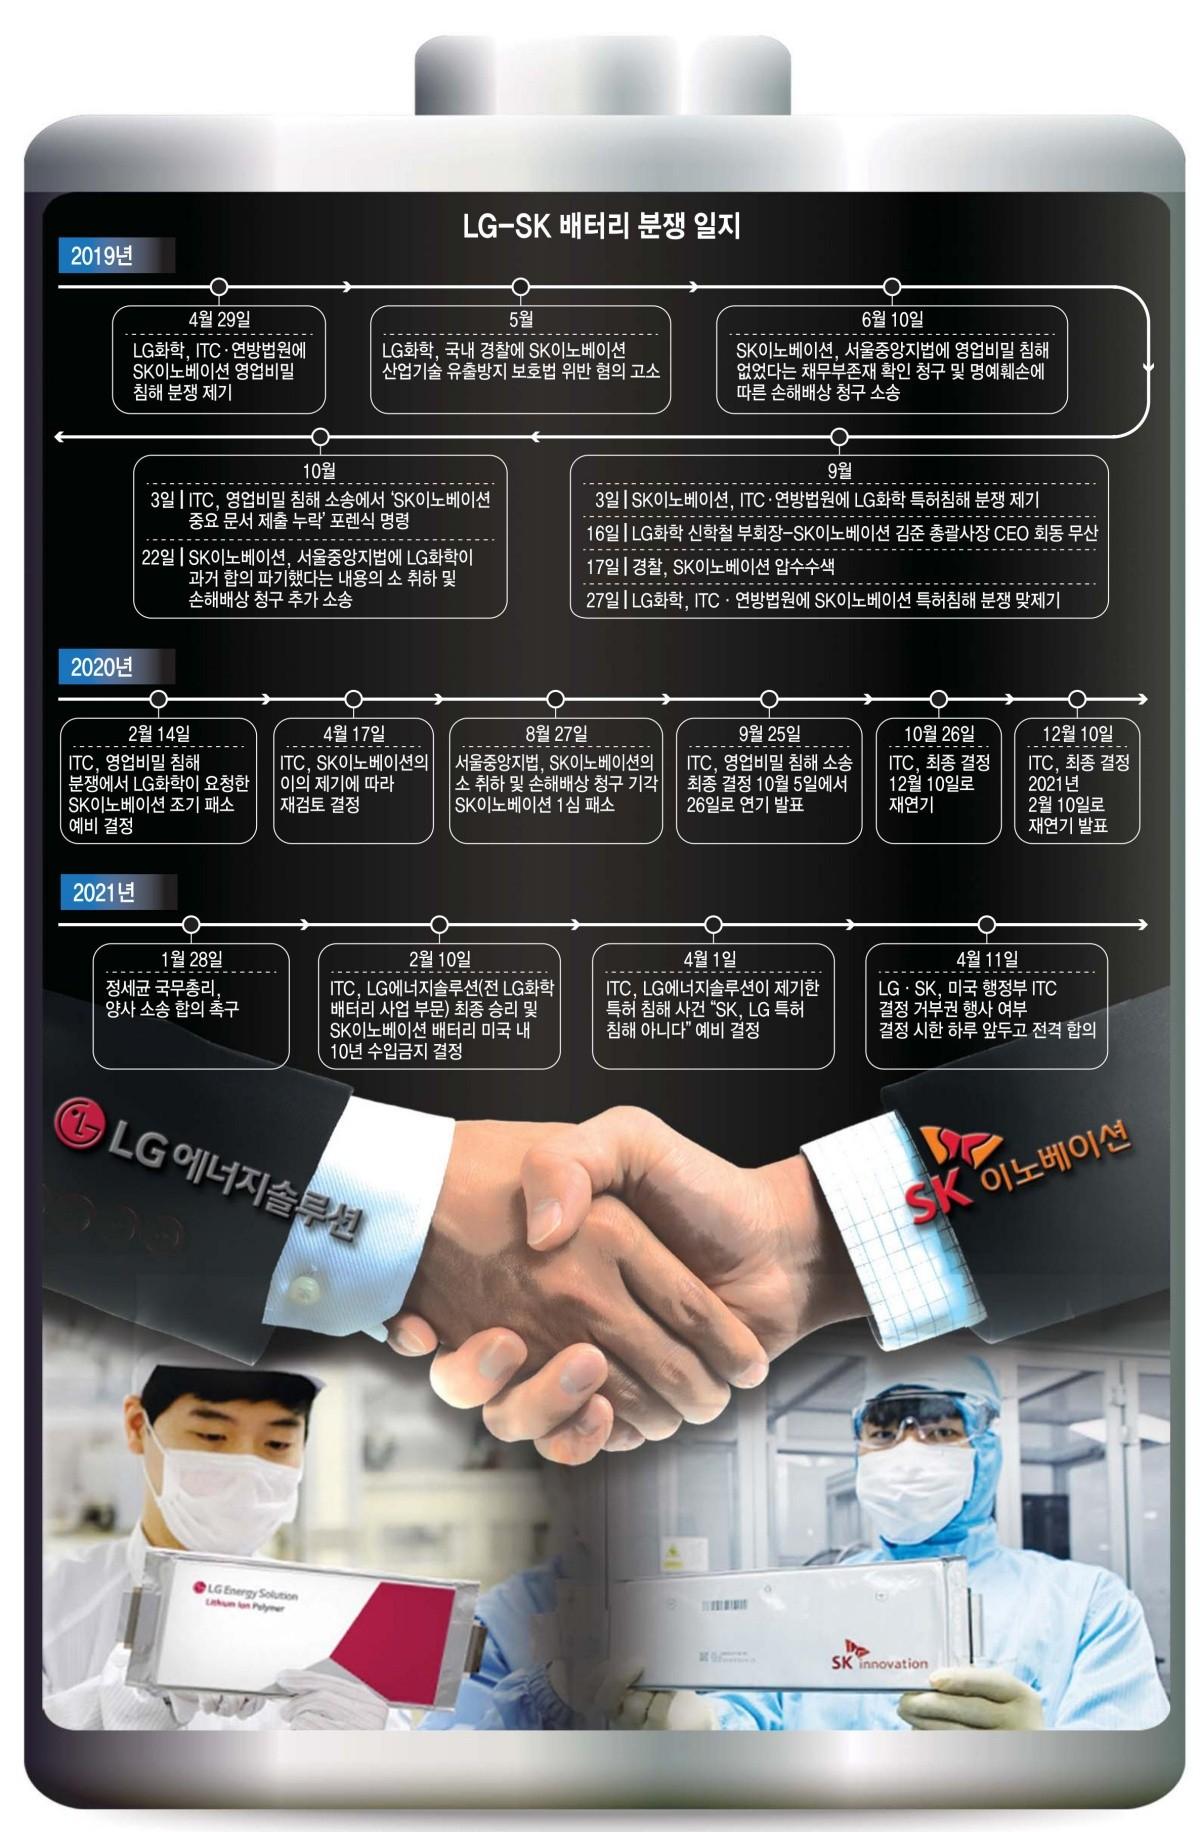 [이슈분석] 'LG-SK, 배터리 분쟁 전격 합의' 배경과 전망